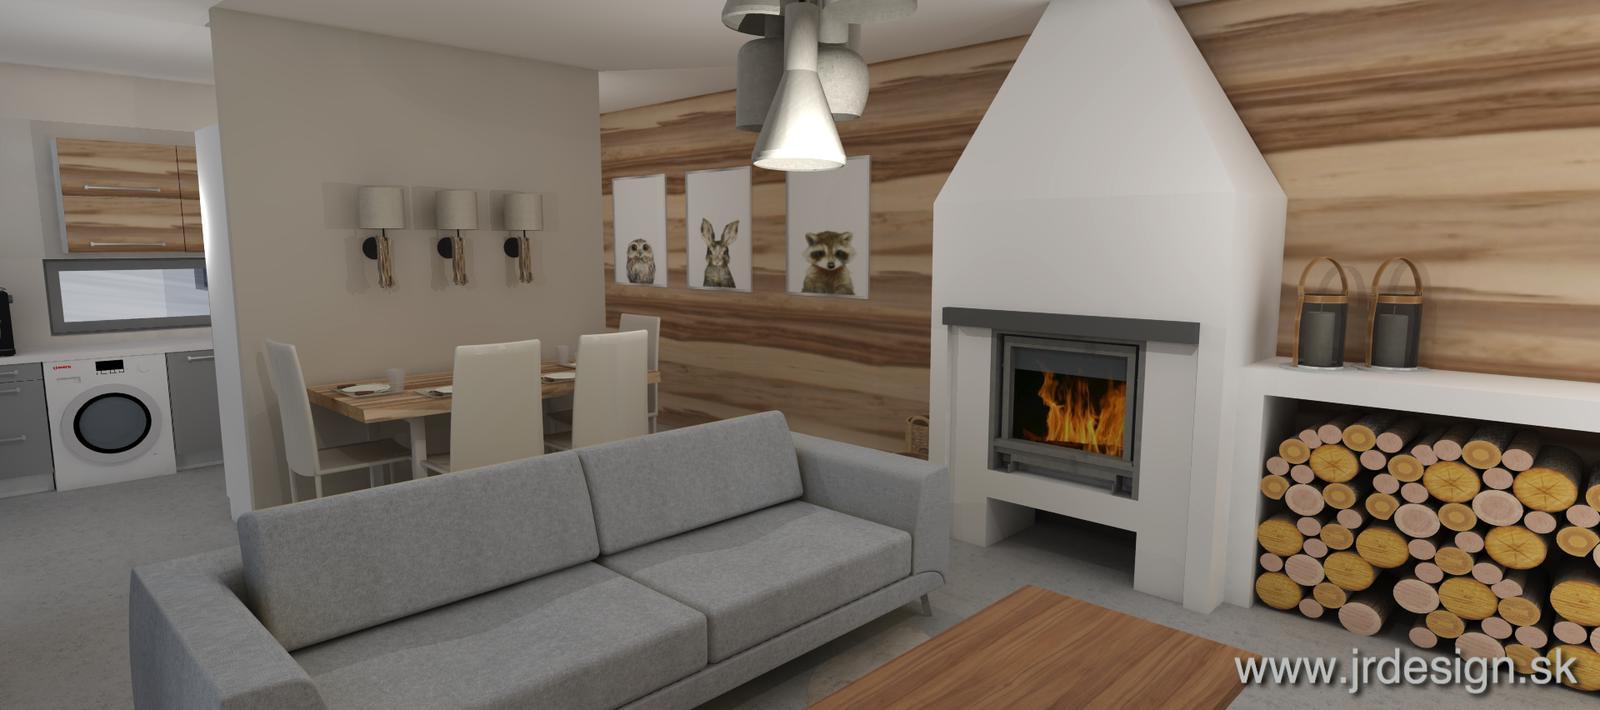 Hladáte interiérového dizajnéra? Využite jesennú akciu -20% - Obrázok č. 2